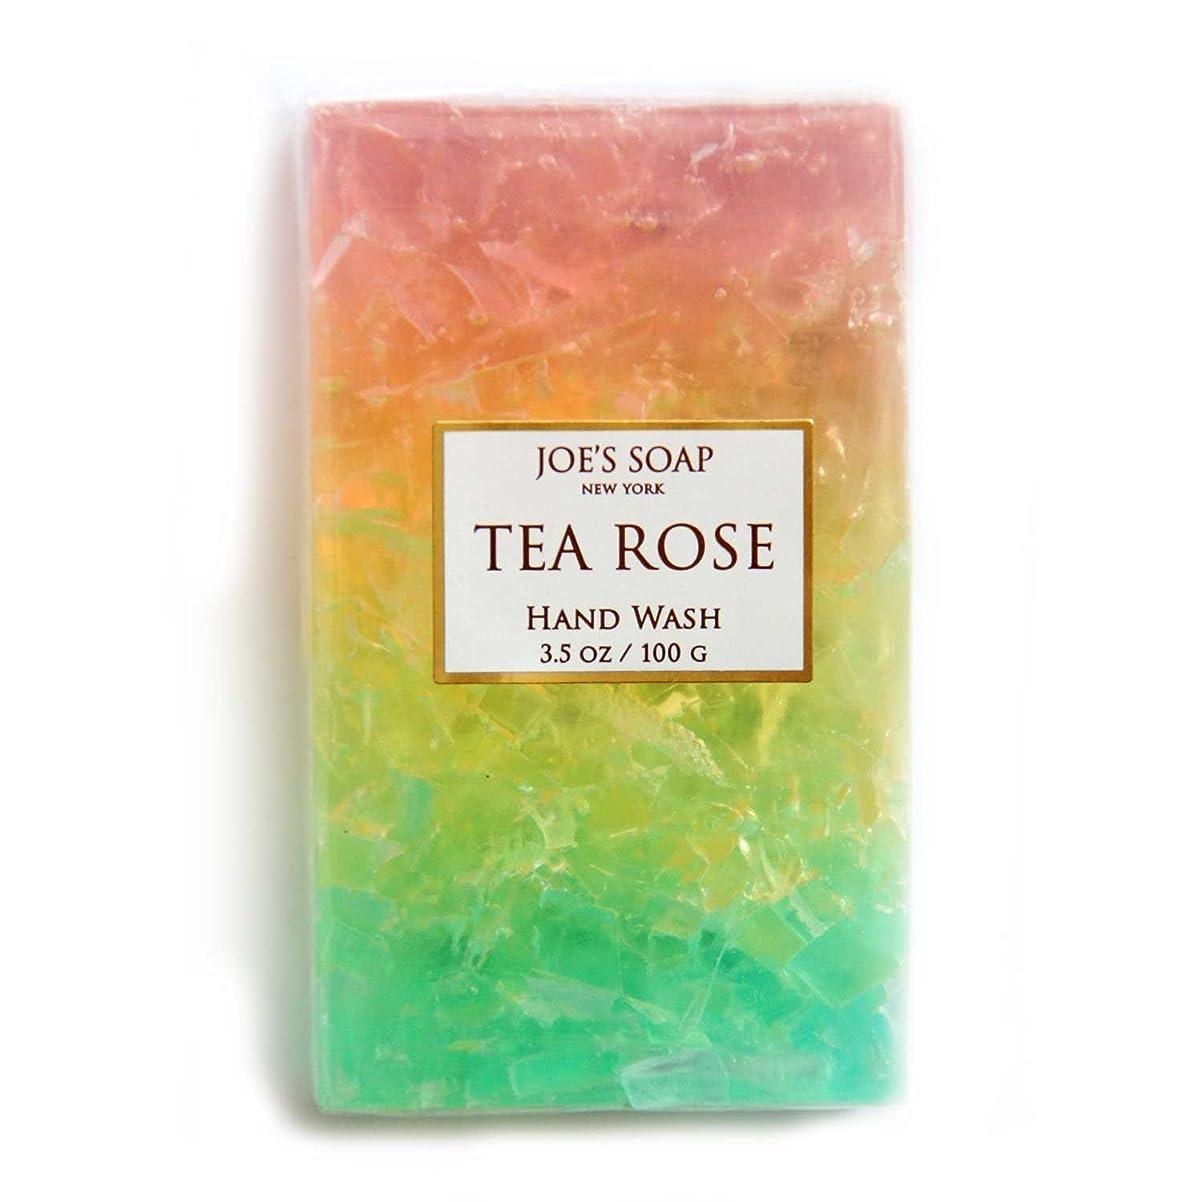 アフリカ人バース後継JOE'S SOAP ジョーズソープ グラスソープ 100g 石けん ボディソープ 洗顔料 せっけん 固形 ギフト